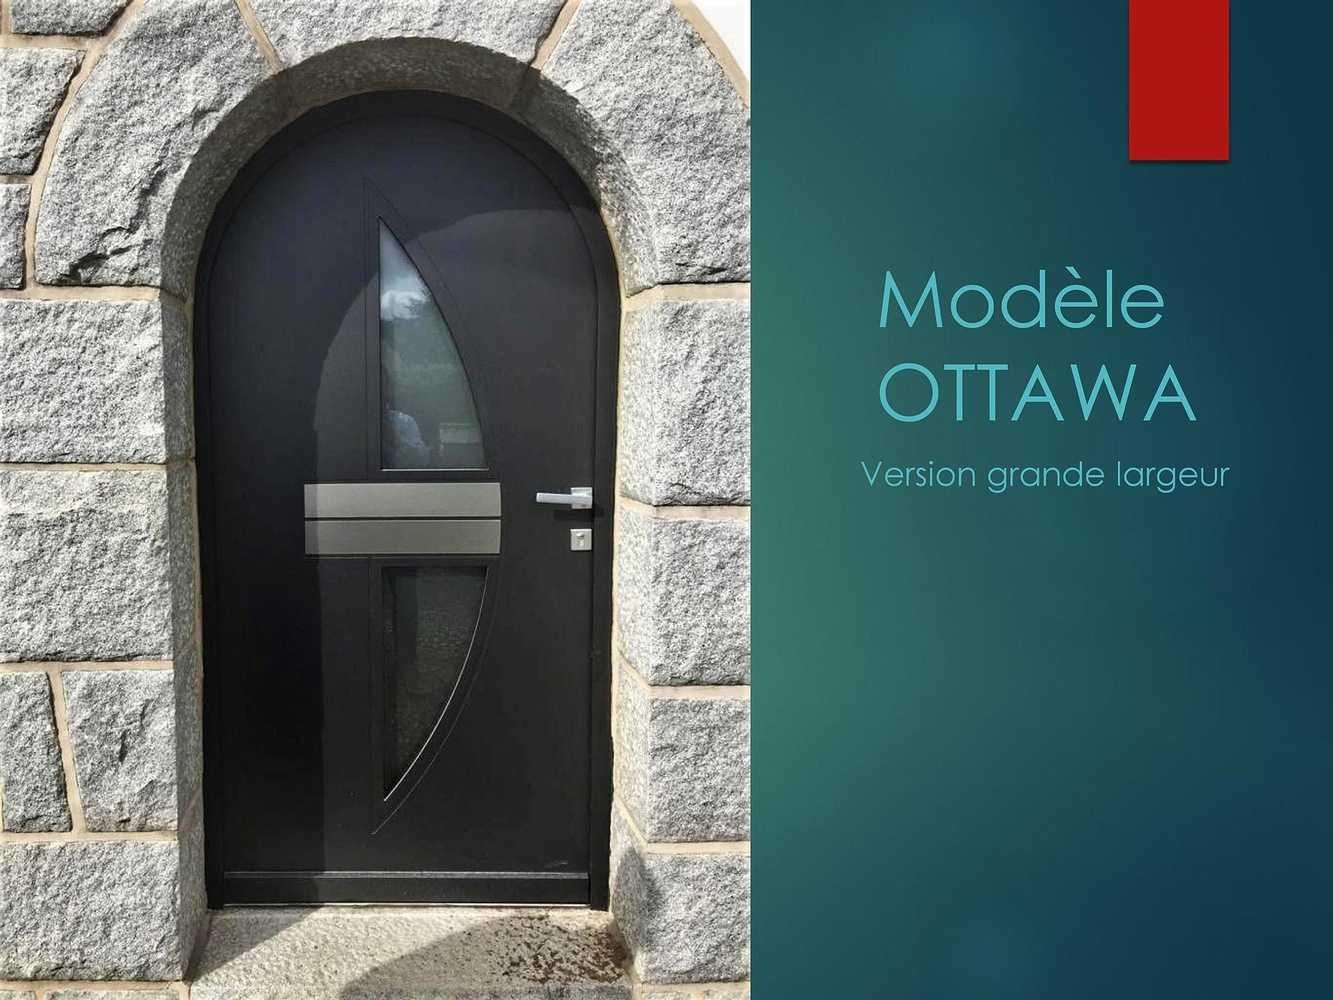 Porte d''entrée - Modèle Ottawa 0